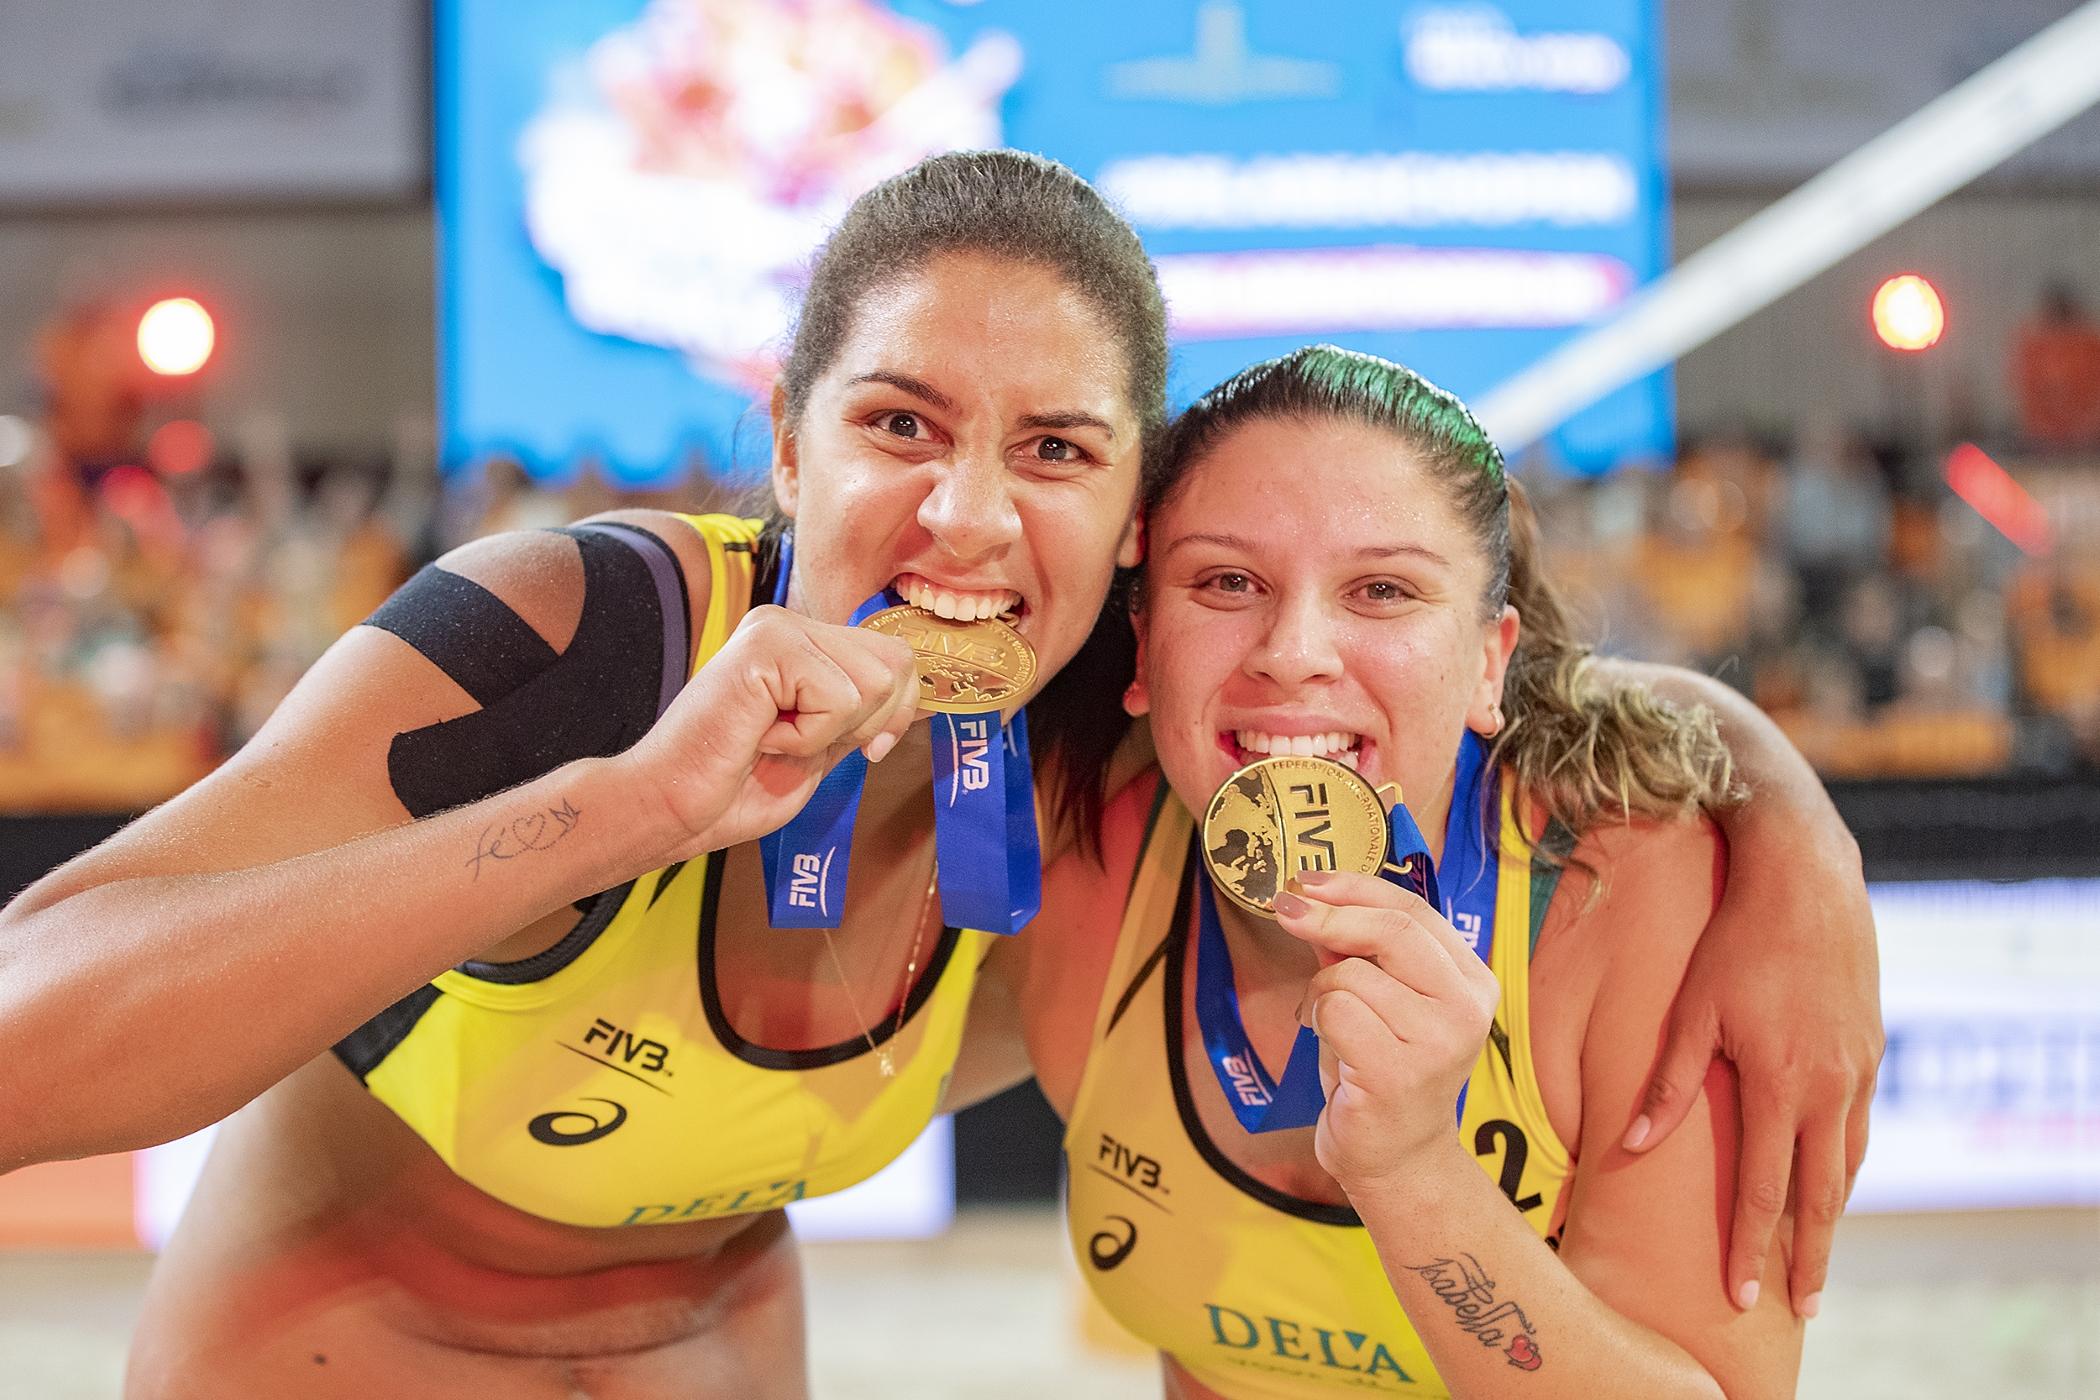 Ana Patrícia/Rebecca vence dupla dos EUA e leva o título na Holanda